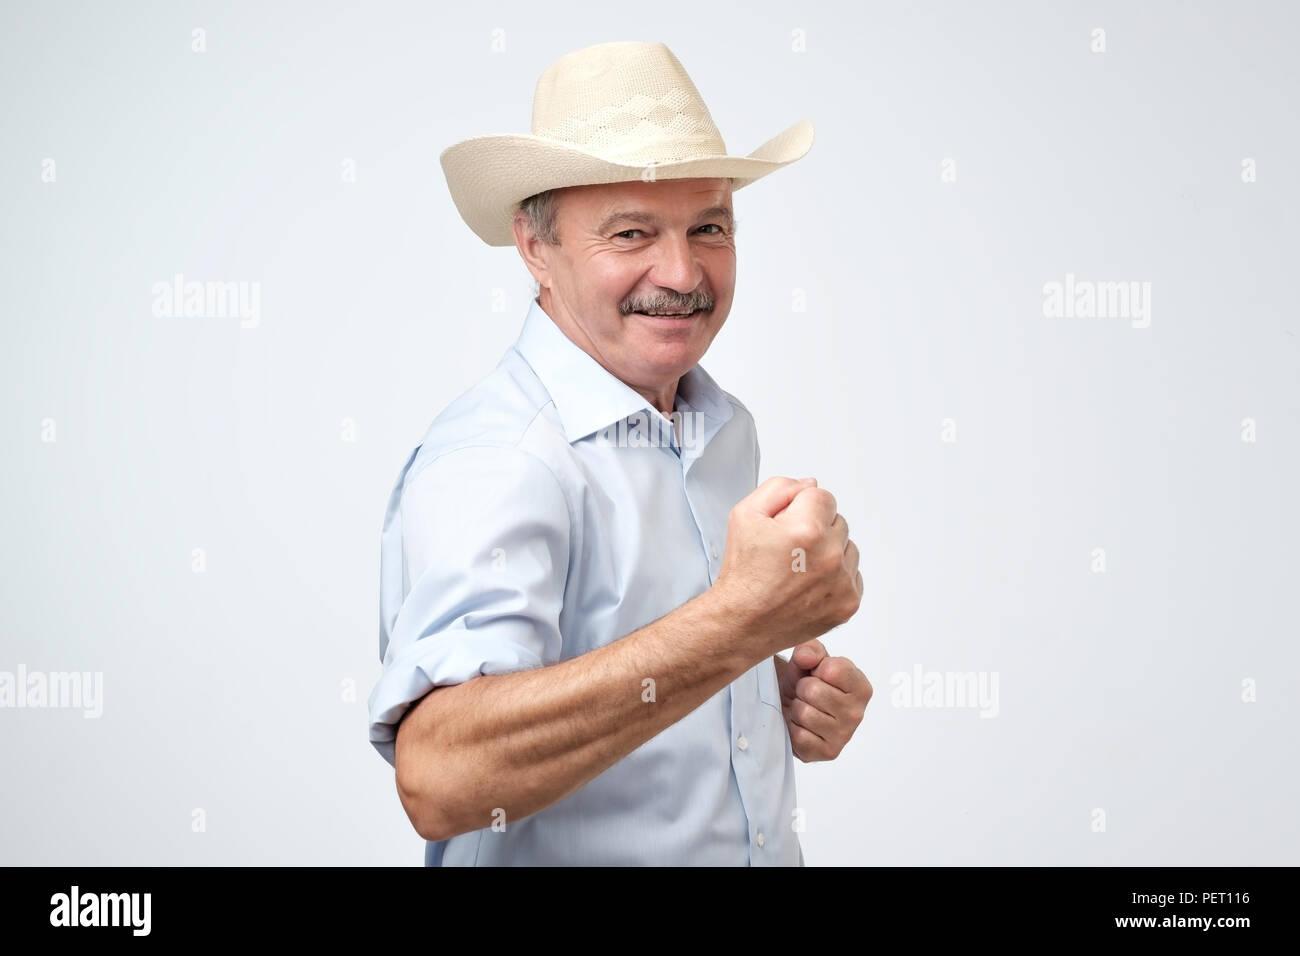 Retrato de apuesto hombre maduro exitoso llevar sombrero de cowboy celebra  su victoria sosteniendo un puño 5b2fa0bf7ce